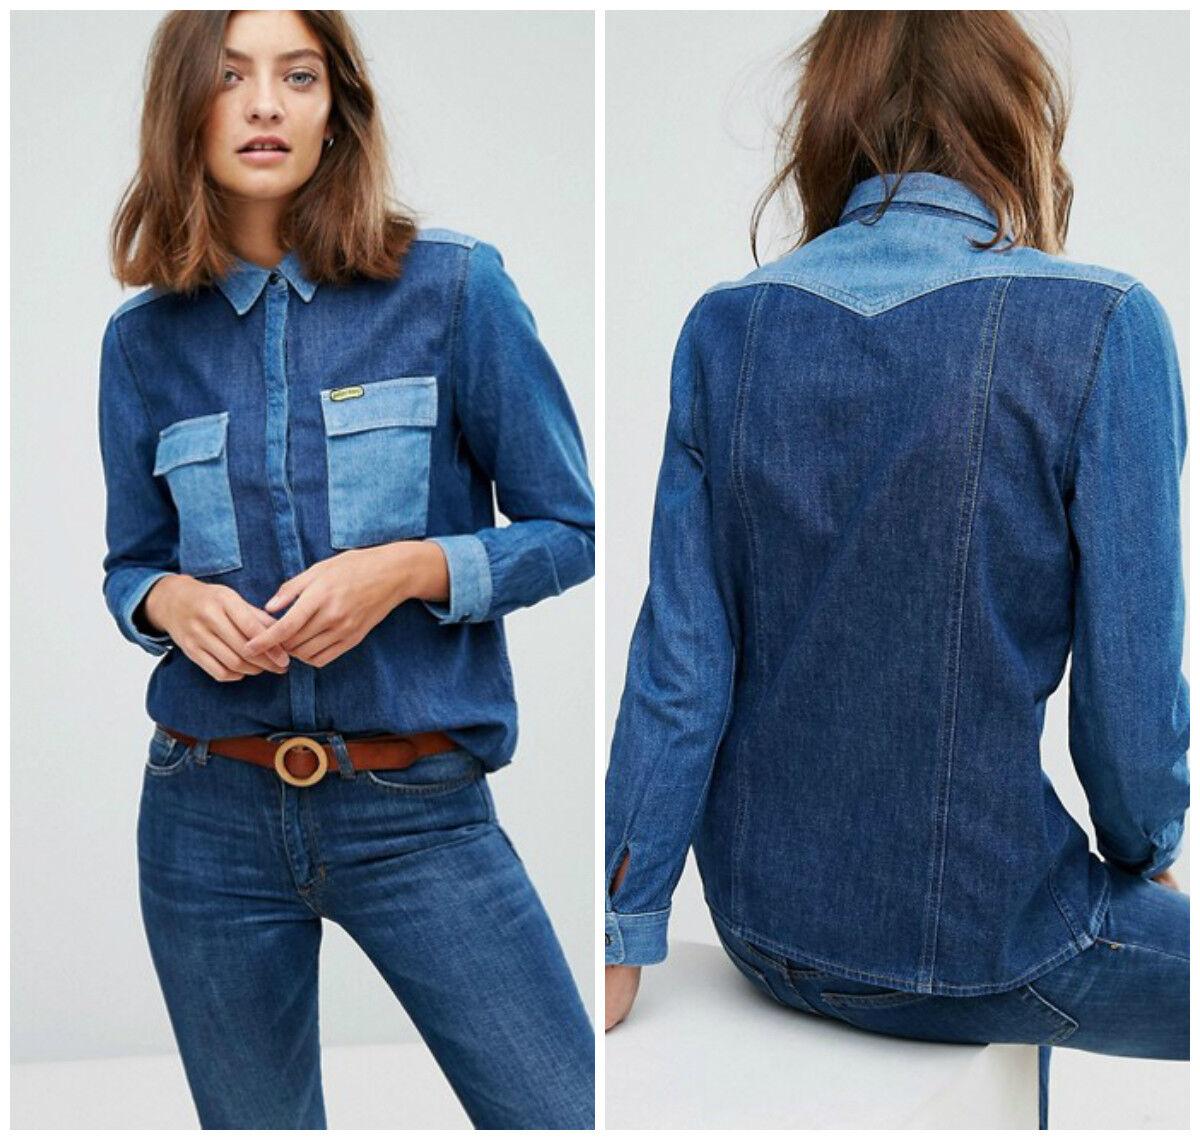 Neu Damen Wrangler von Peter Max West Jeans-Mischung Hemd Pop Art Künstler XS S